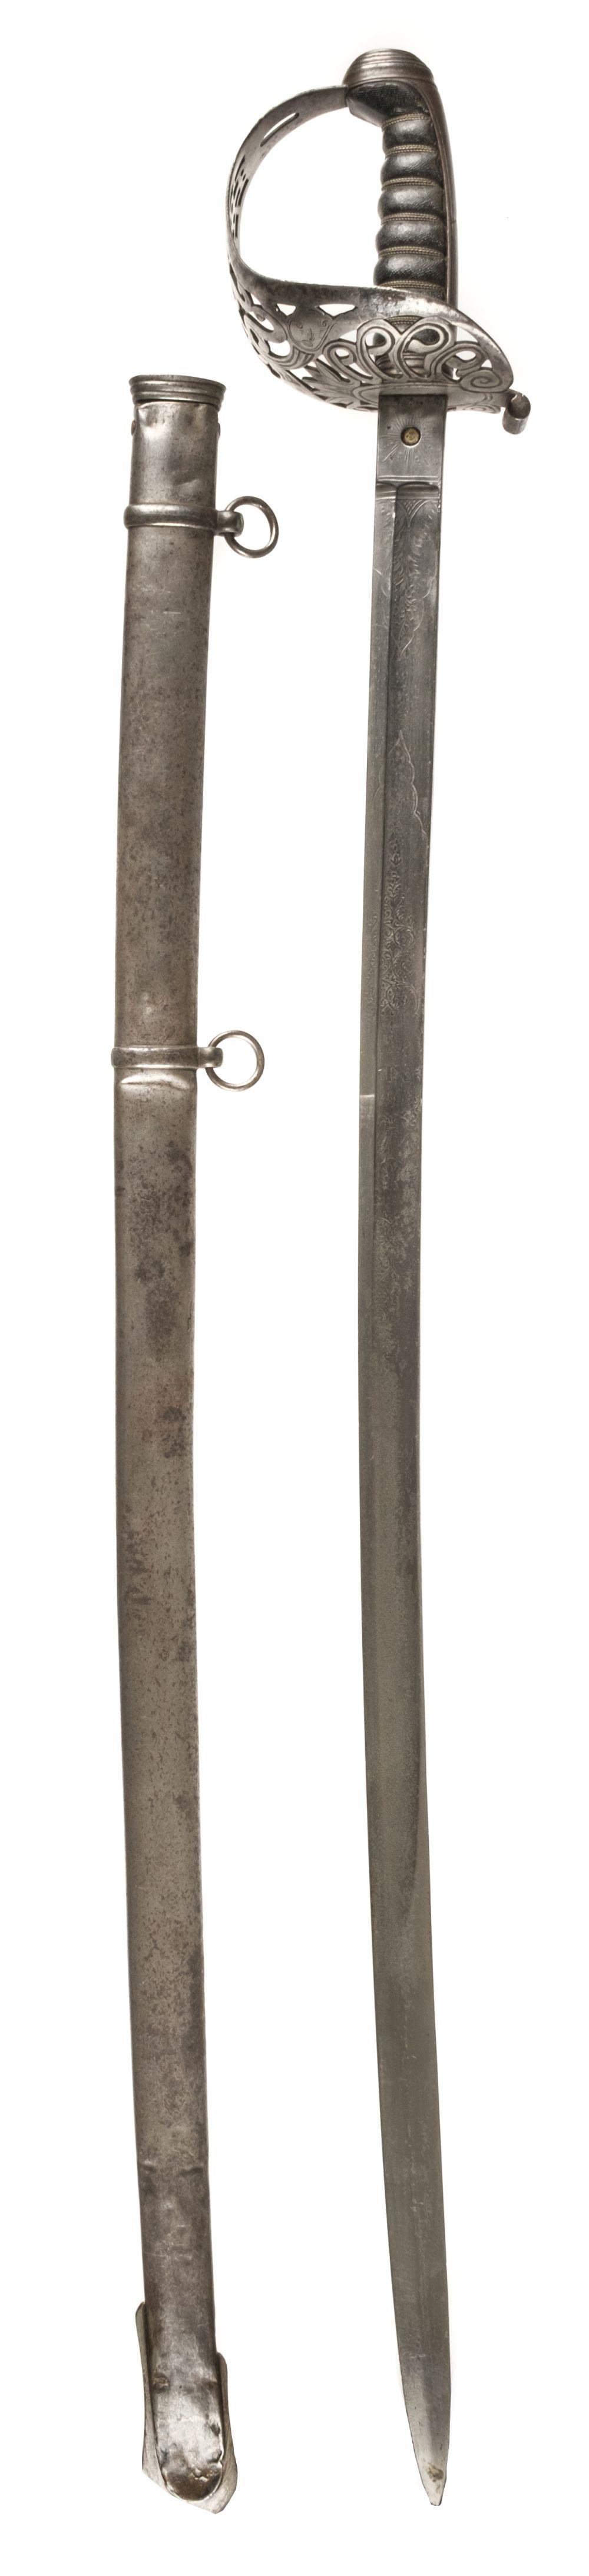 * Sword. Victorian Heavy Cavalry Officer's sword